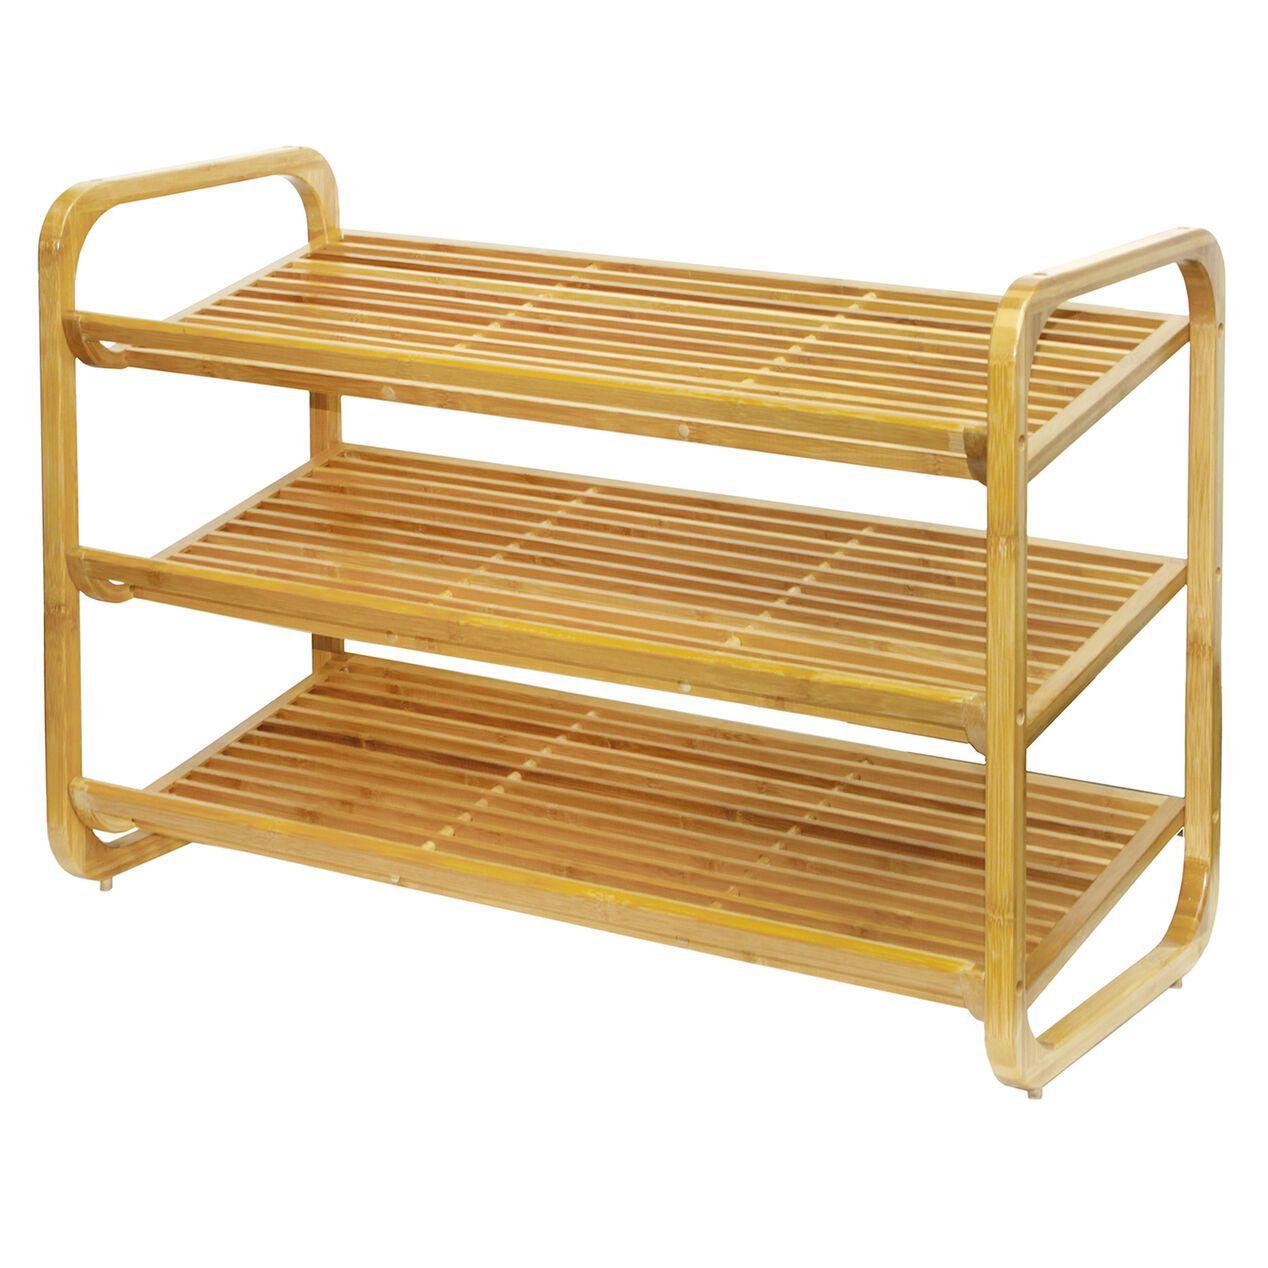 Honey Can Do 3 Tier Bamboo Shoe Rack Organizer Sho 01599 The Home Depot Bamboo Shoe Rack Shoe Rack Organization Shoe Shelf